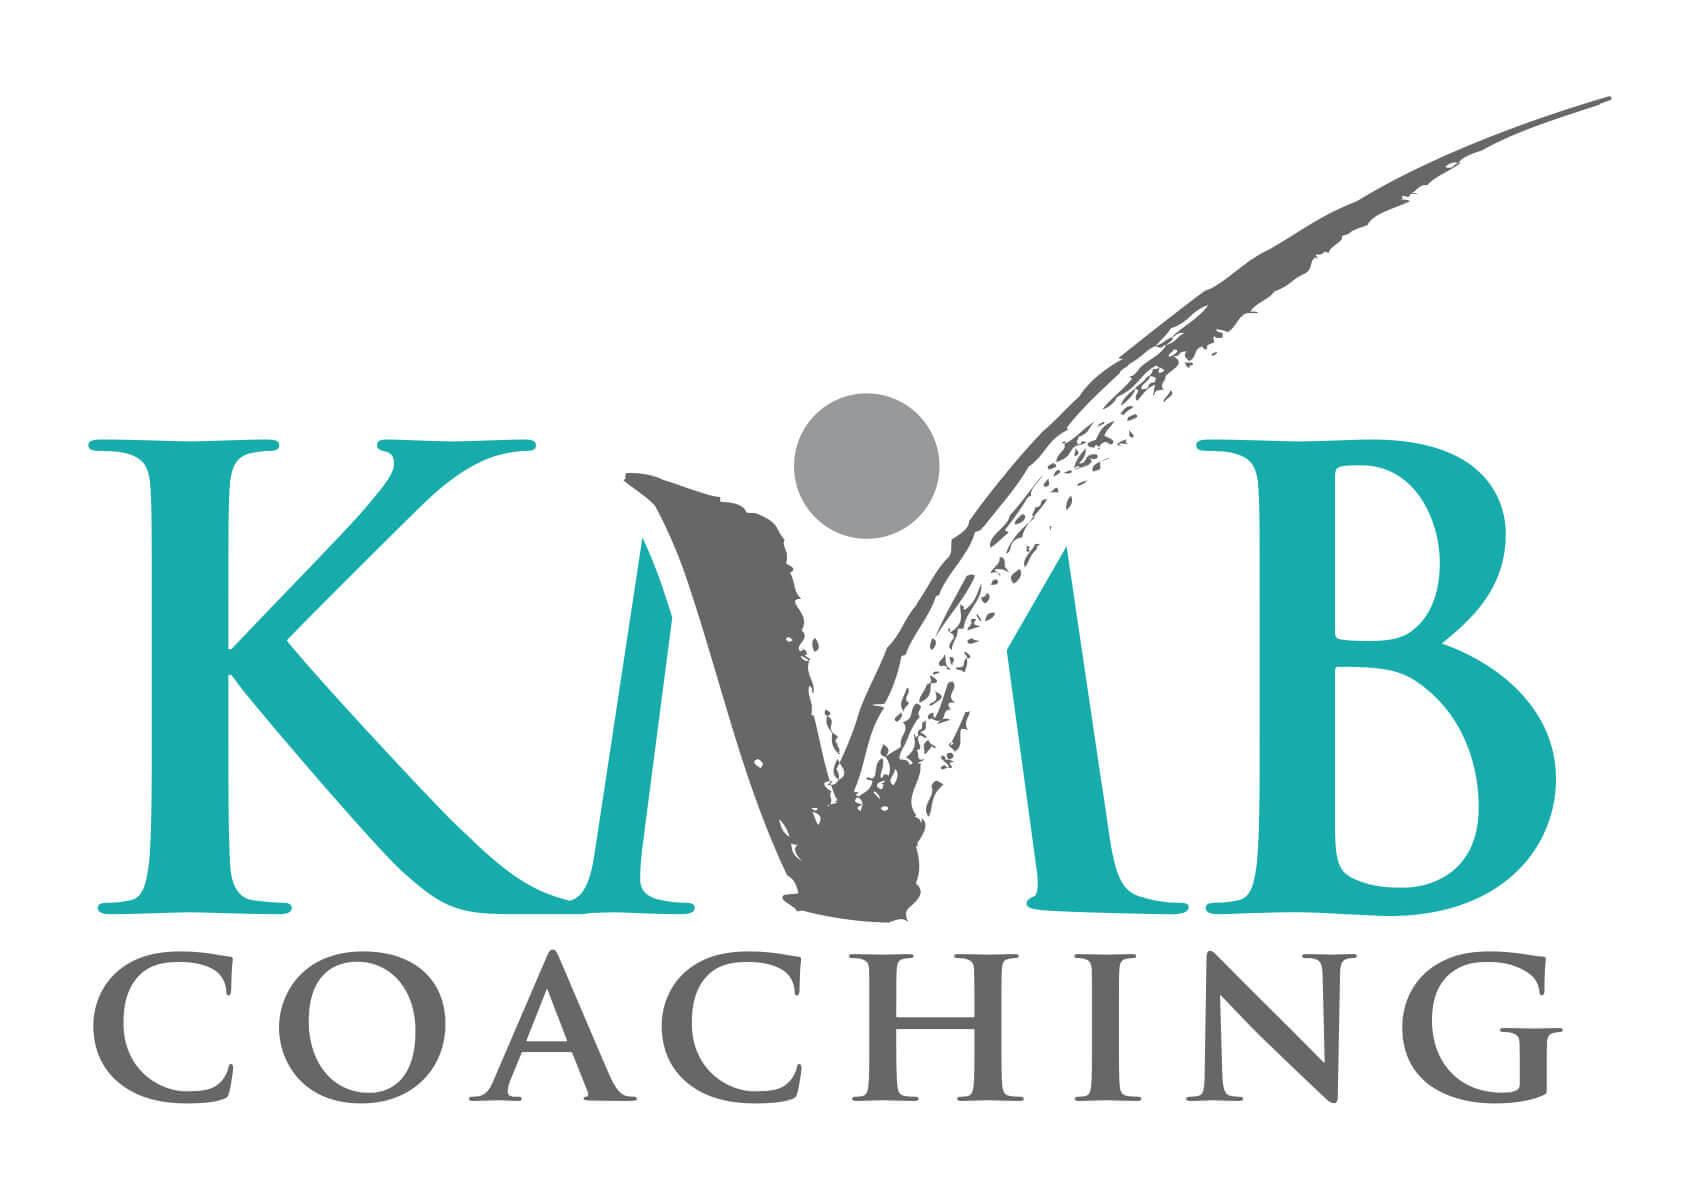 KMB Coaching